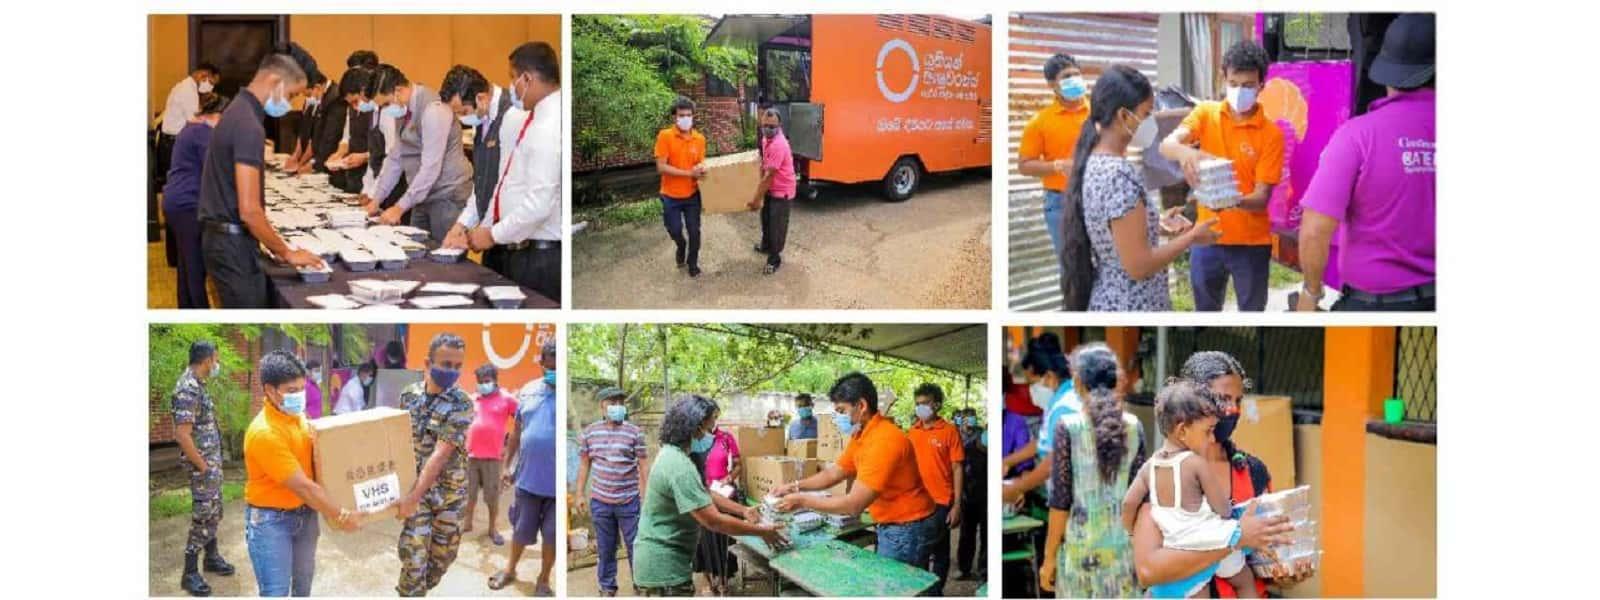 யூனியன் அஷ்யூரன்ஸ், சினமன் ஹோட்டல்ஸ் மற்றும் ரிசோர்ட்ஸ் இணைந்து வெள்ள அனர்த்தத்தினால் பாதிக்கப்பட்டவர்களுக்கு 3000-க்கும் அதிகமான உணவுப் பொதிகள் விநியோகம்